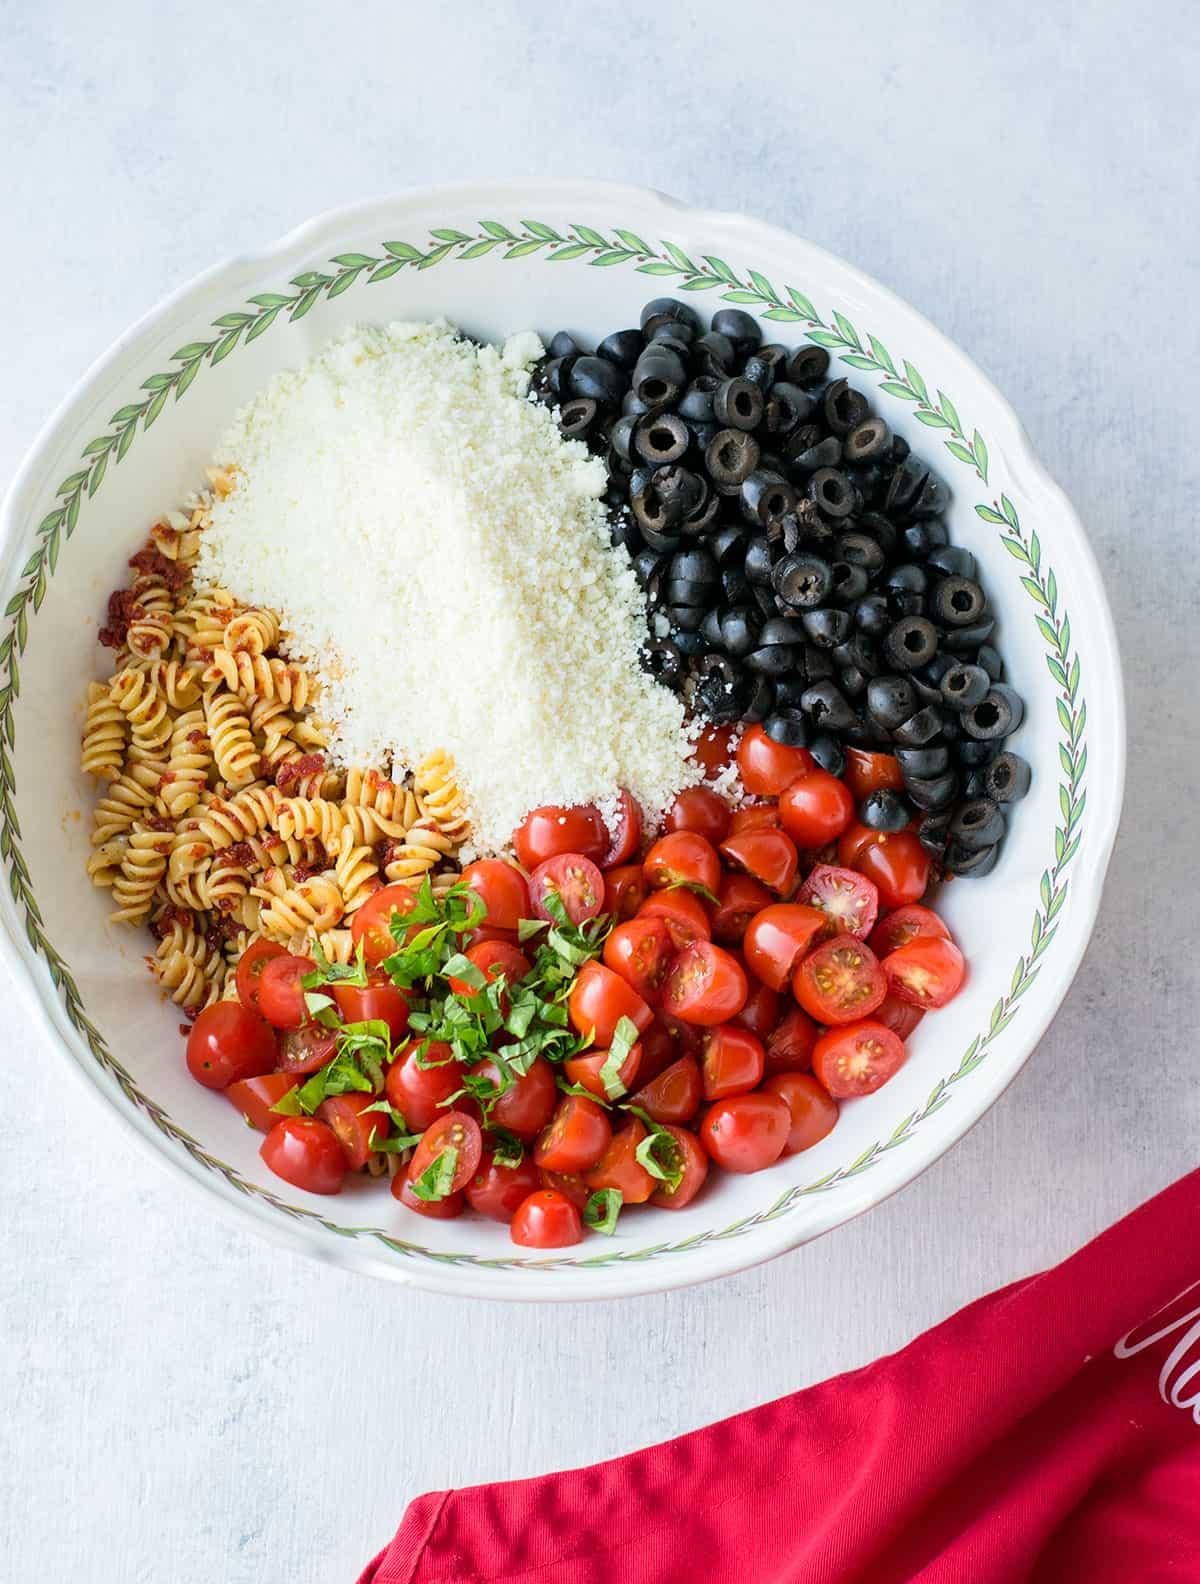 bowl of rotini pasta, Parmesan, black olives, tomatoes, basil